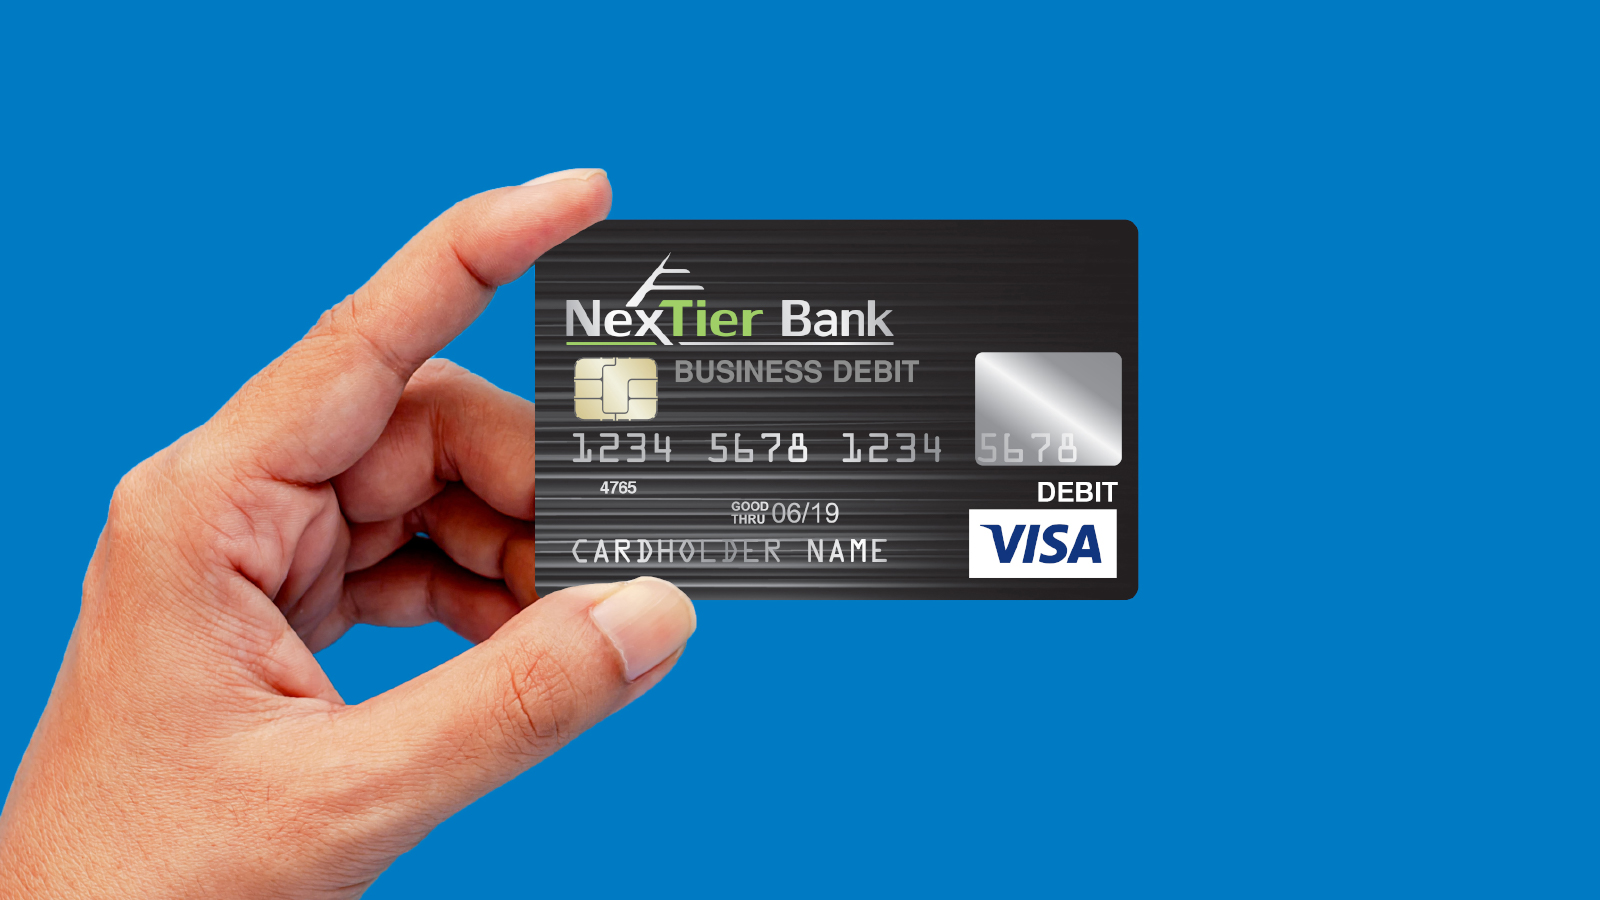 hand holding up NexTier business debit card.